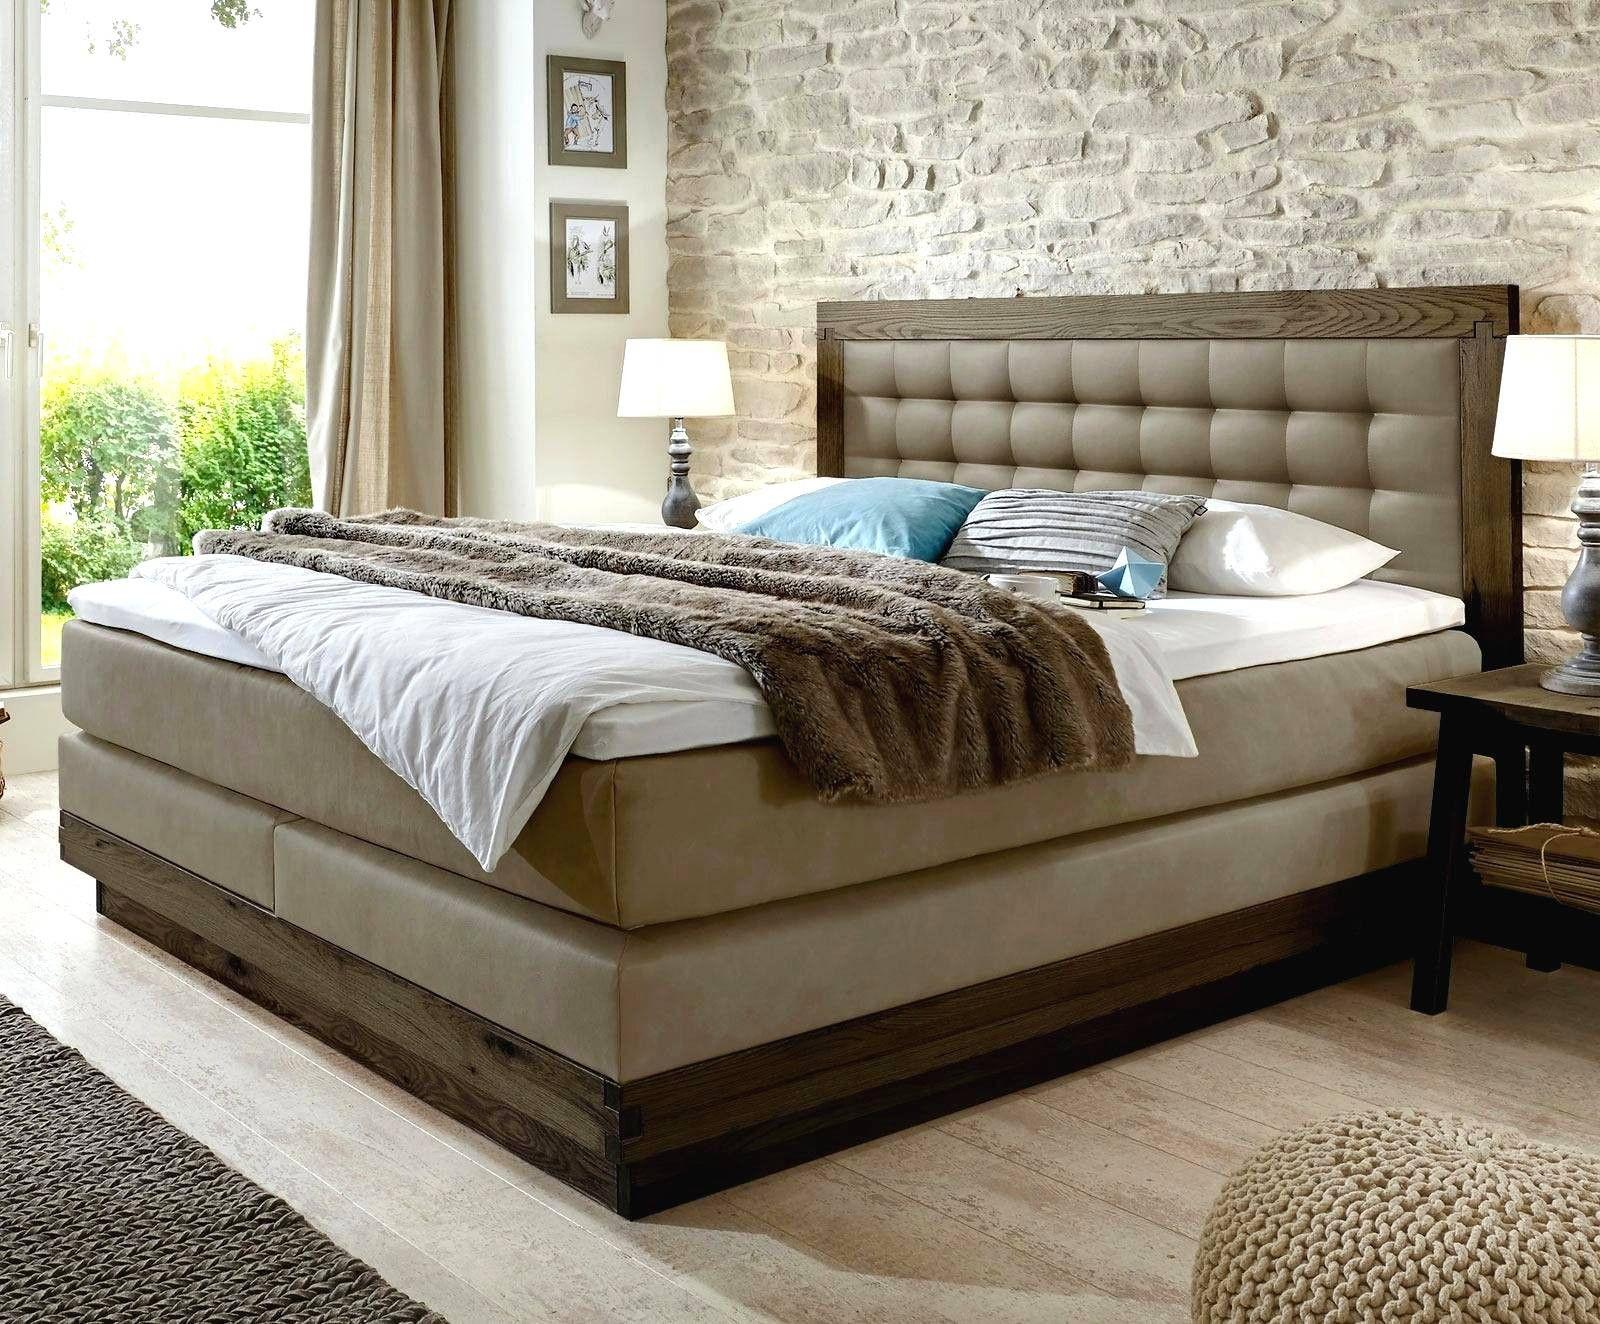 Full Size of Stapelstuhl Garten Deckenleuchte Schlafzimmer Led Teppich Deckenlampen Für Wohnzimmer Set Günstig Kommode Boden Badezimmer Regal Dachschräge Stuhl Schlafzimmer Stuhl Für Schlafzimmer